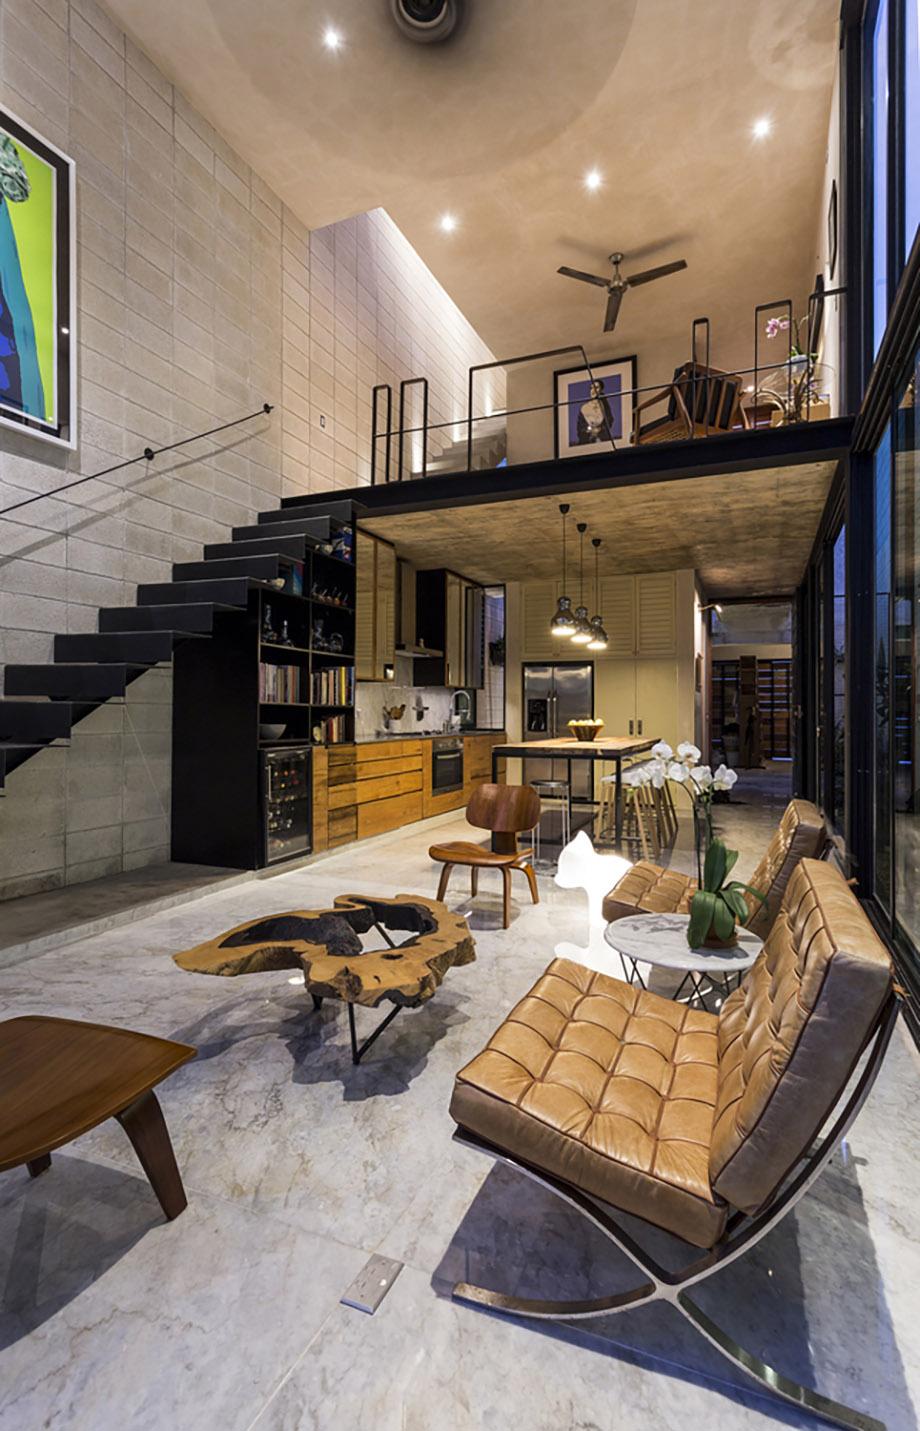 Оригинальная маршевая лестница на второй этаж смотрится необычно и интересно